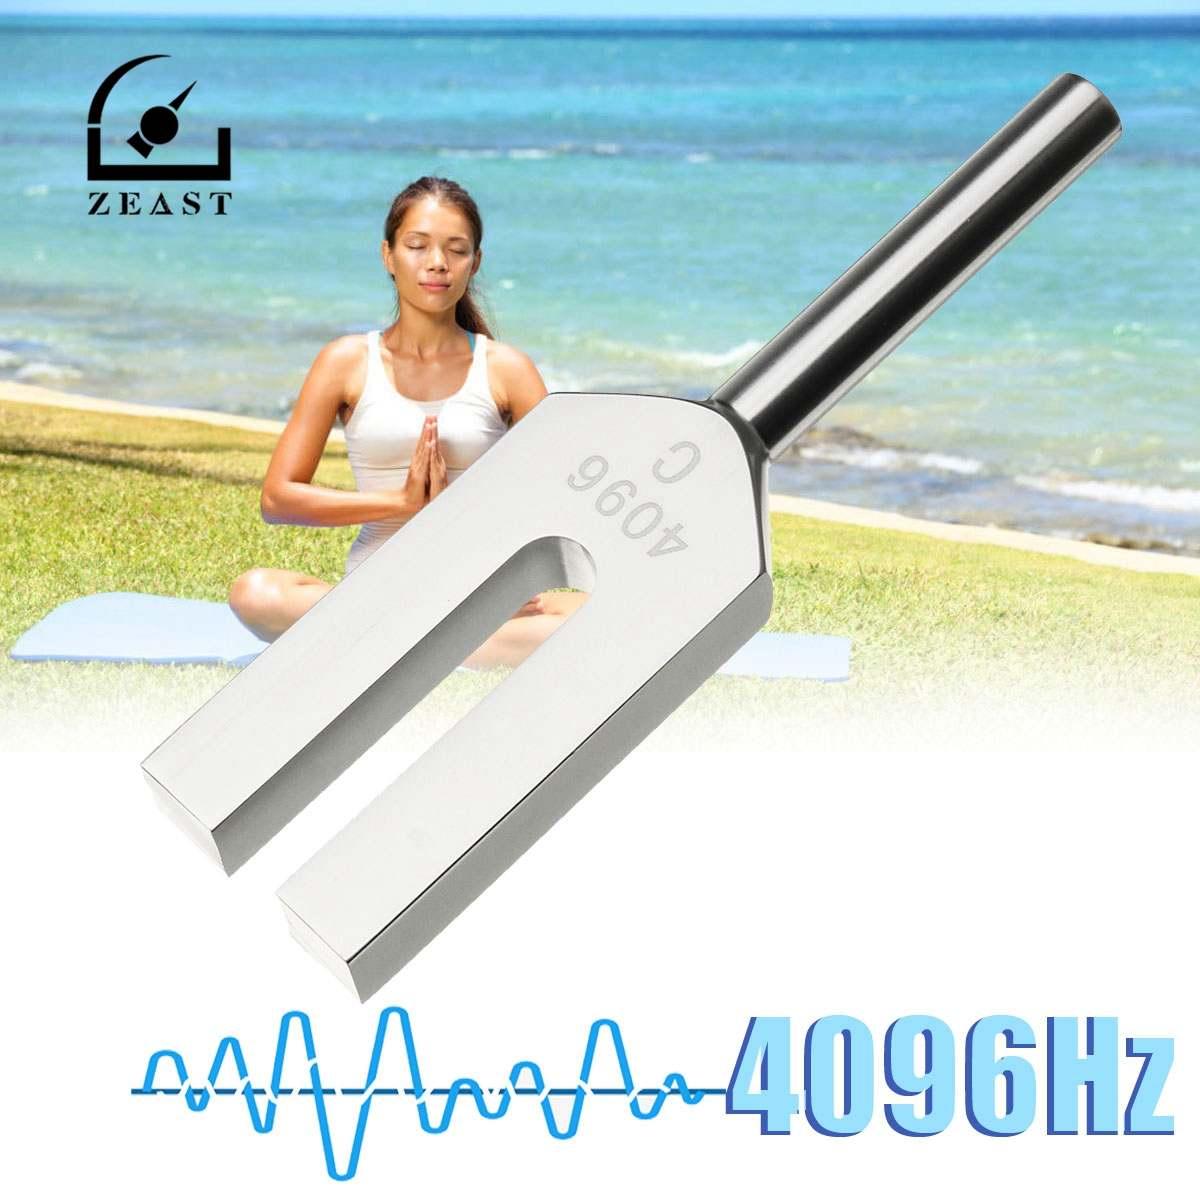 Angemessen Zeast 4096hz Aluminium Musical Tuning Gabel Instrument Für Healing Sound Vibration Therapie Medizinische Werkzeuge